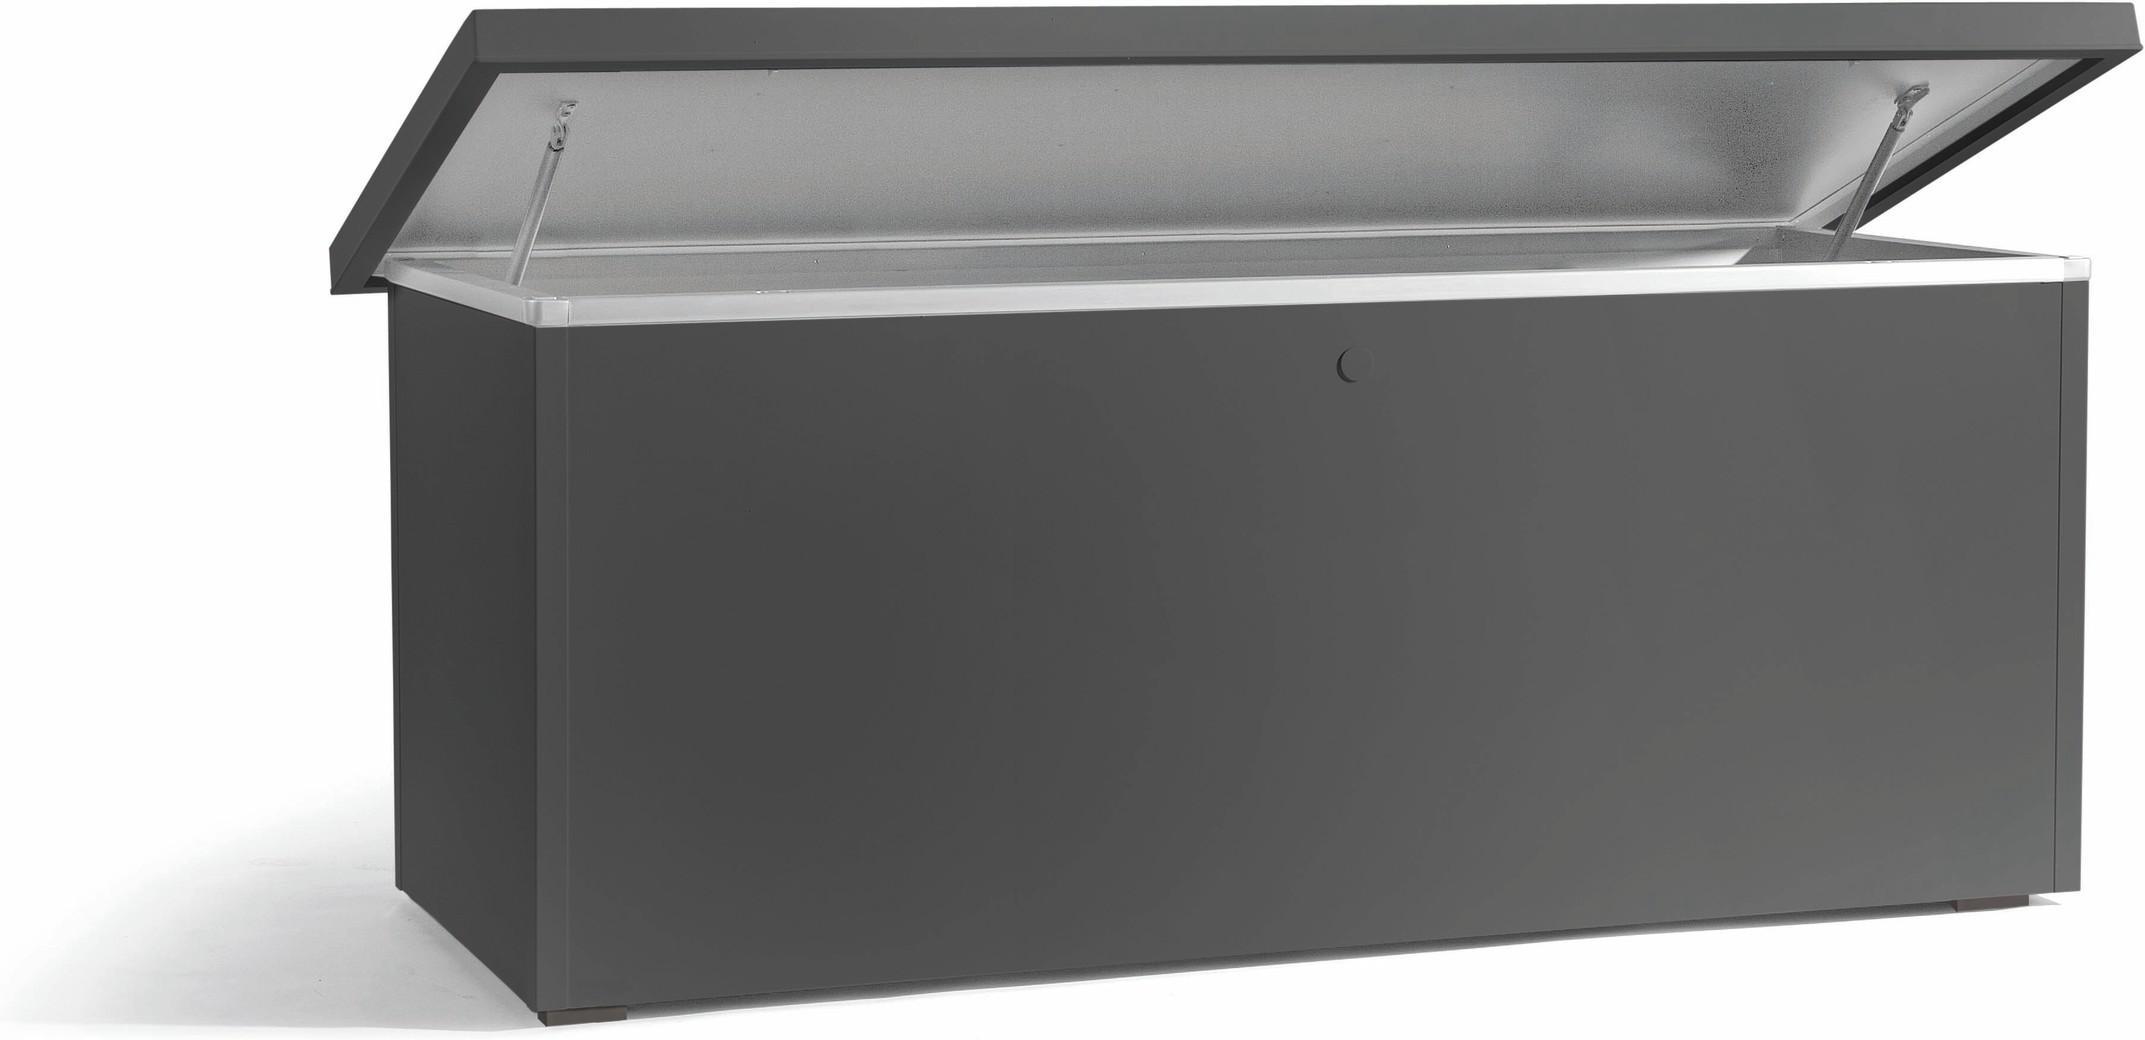 Coffre à coussins Fuse PCA lave F10 (grand modèle)